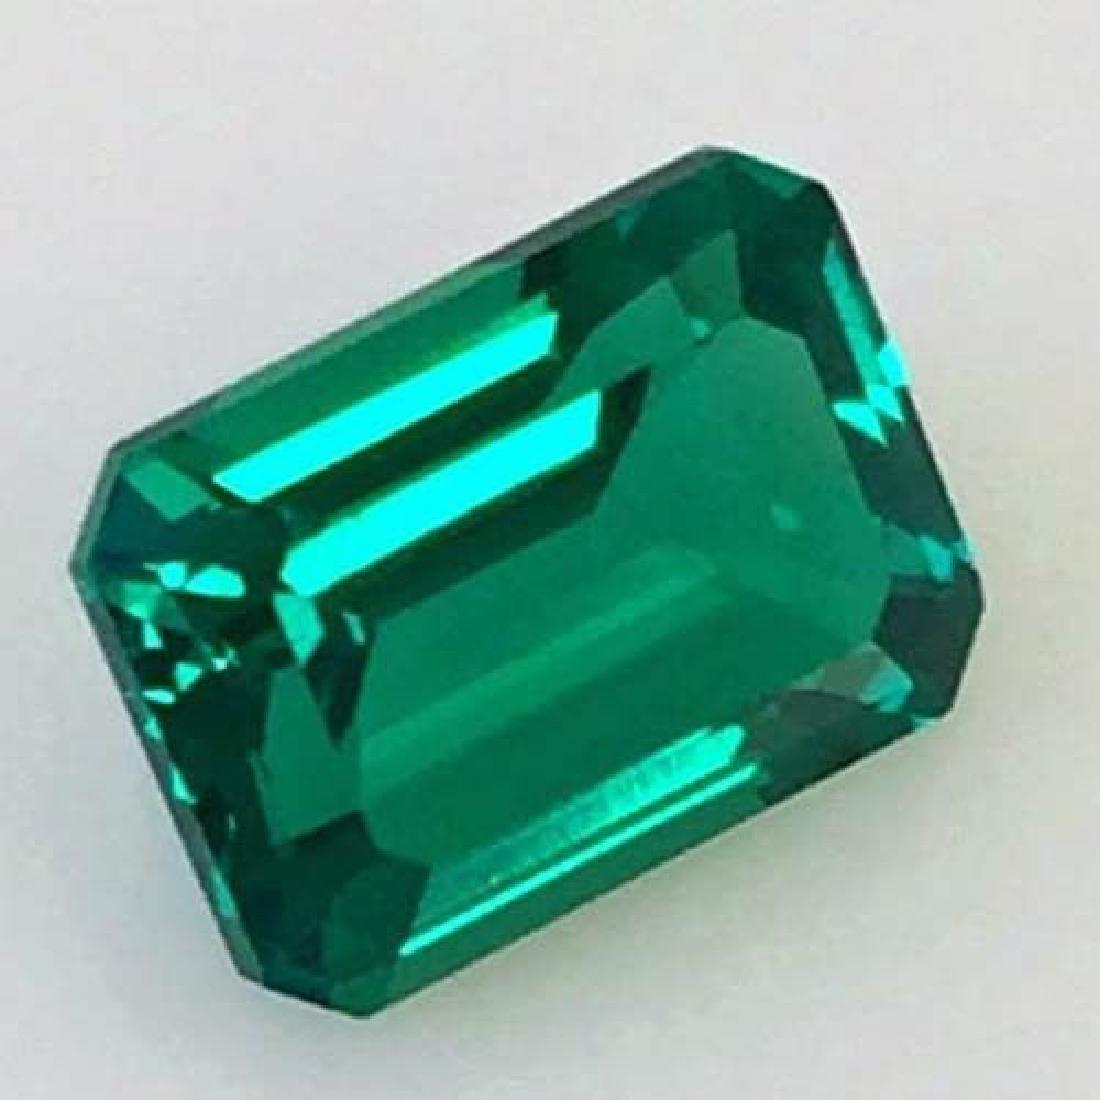 27.55 ct AAA Lab Emerald Octagon 22 x 16 mm - 6